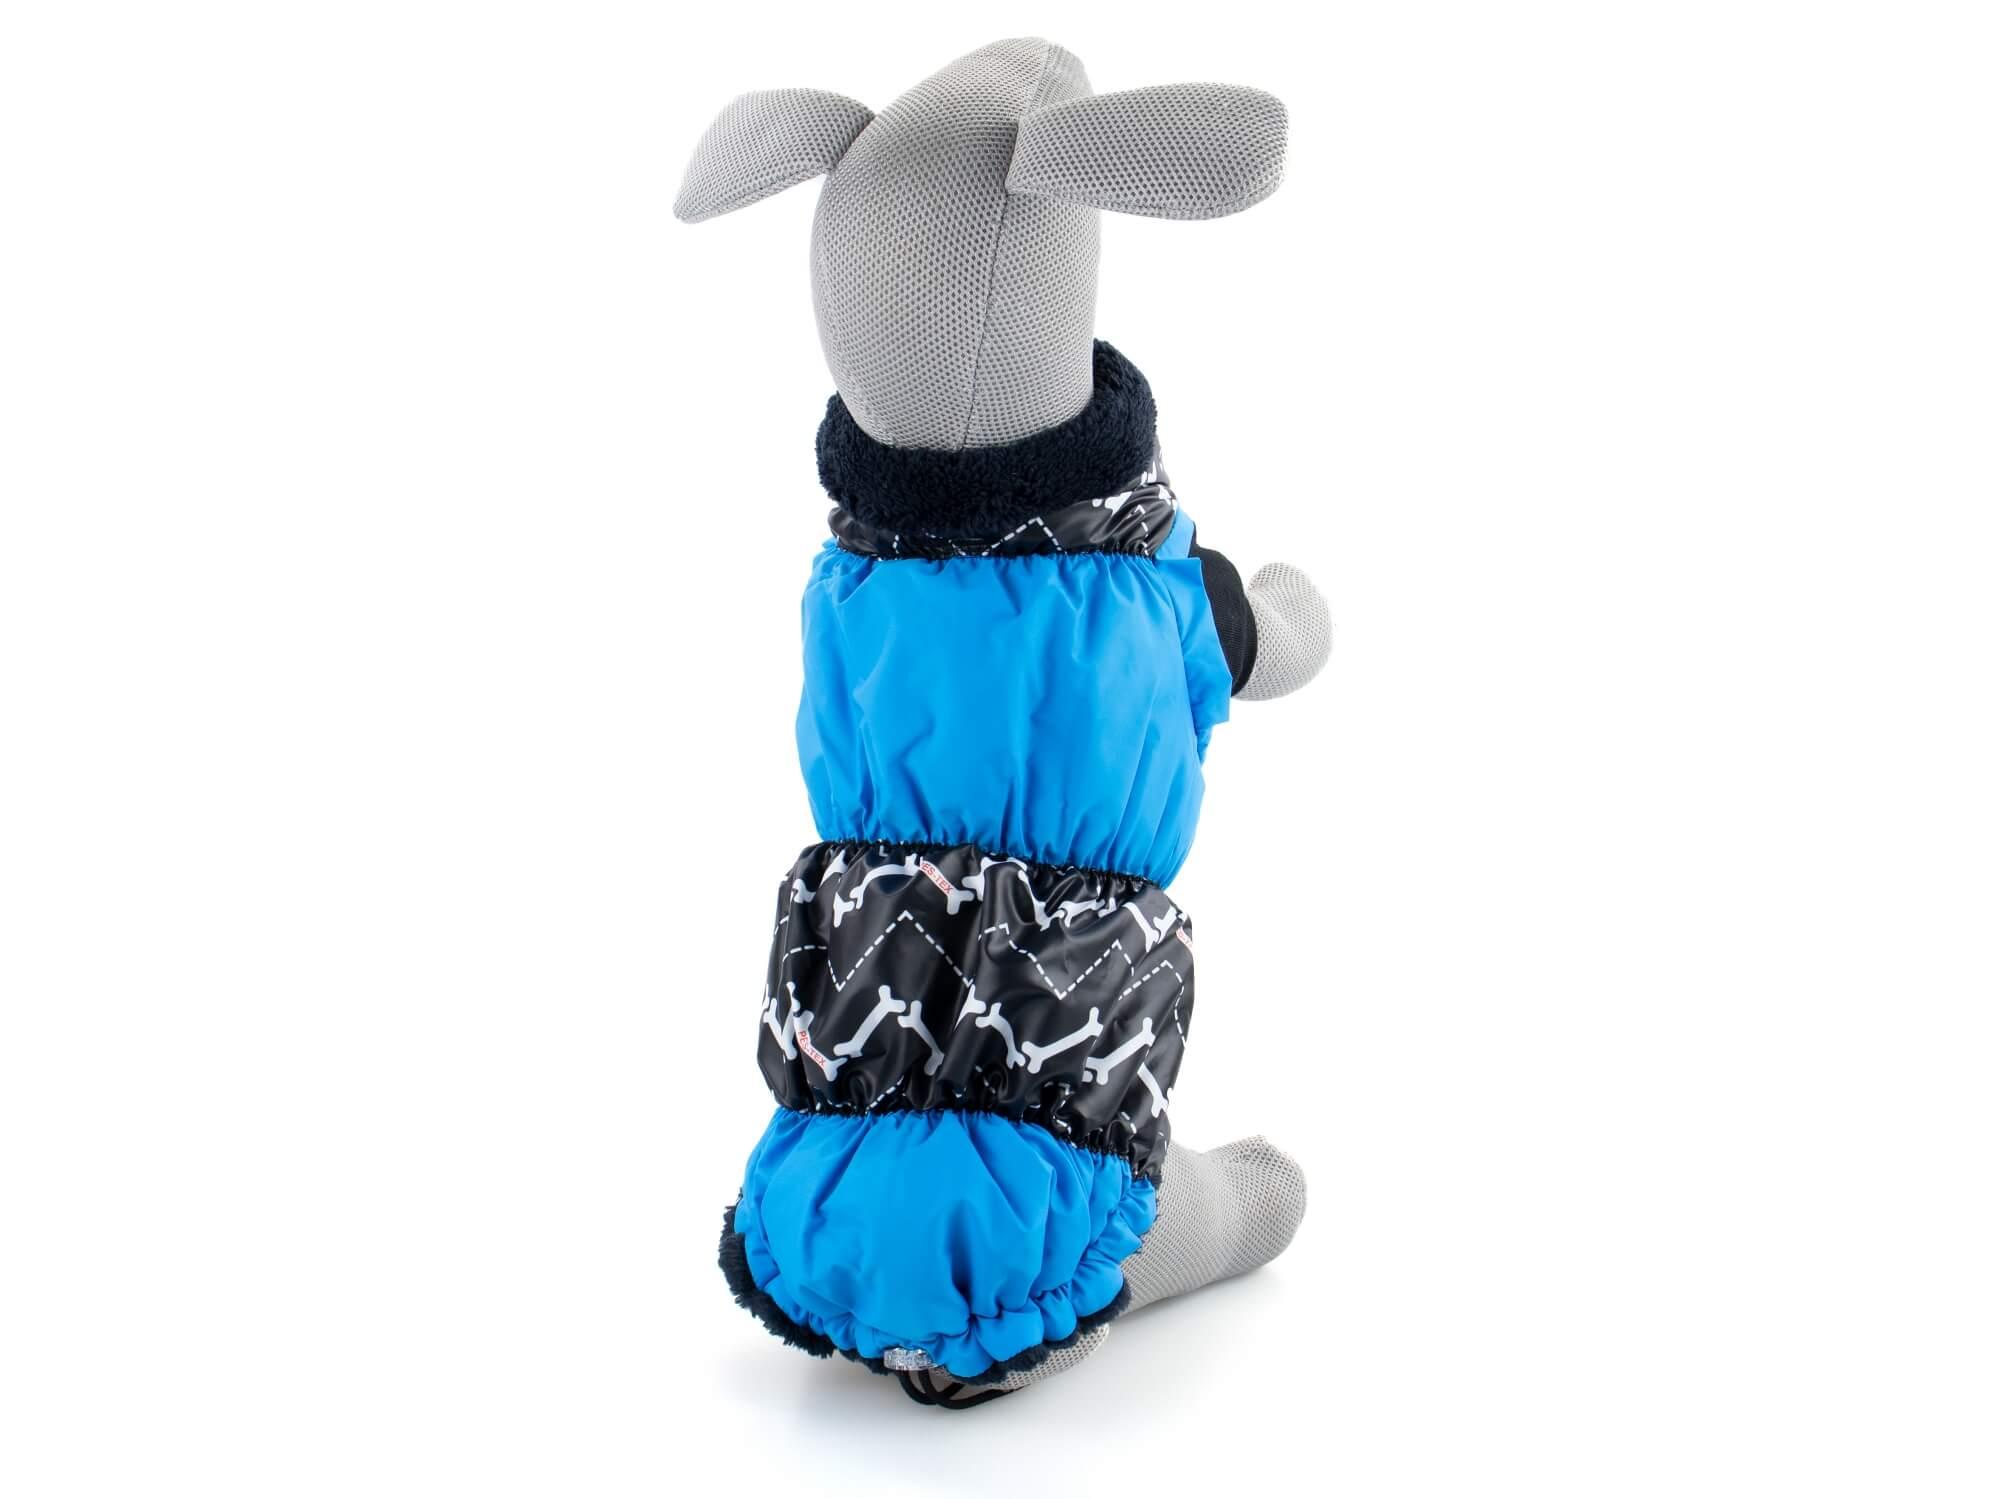 Pes-tex Alexa zimní bunda pro psa Barva: Modrá, Délka zad psa: 23 - 28 cm, Obvod hrudníku: 22 - 33 c